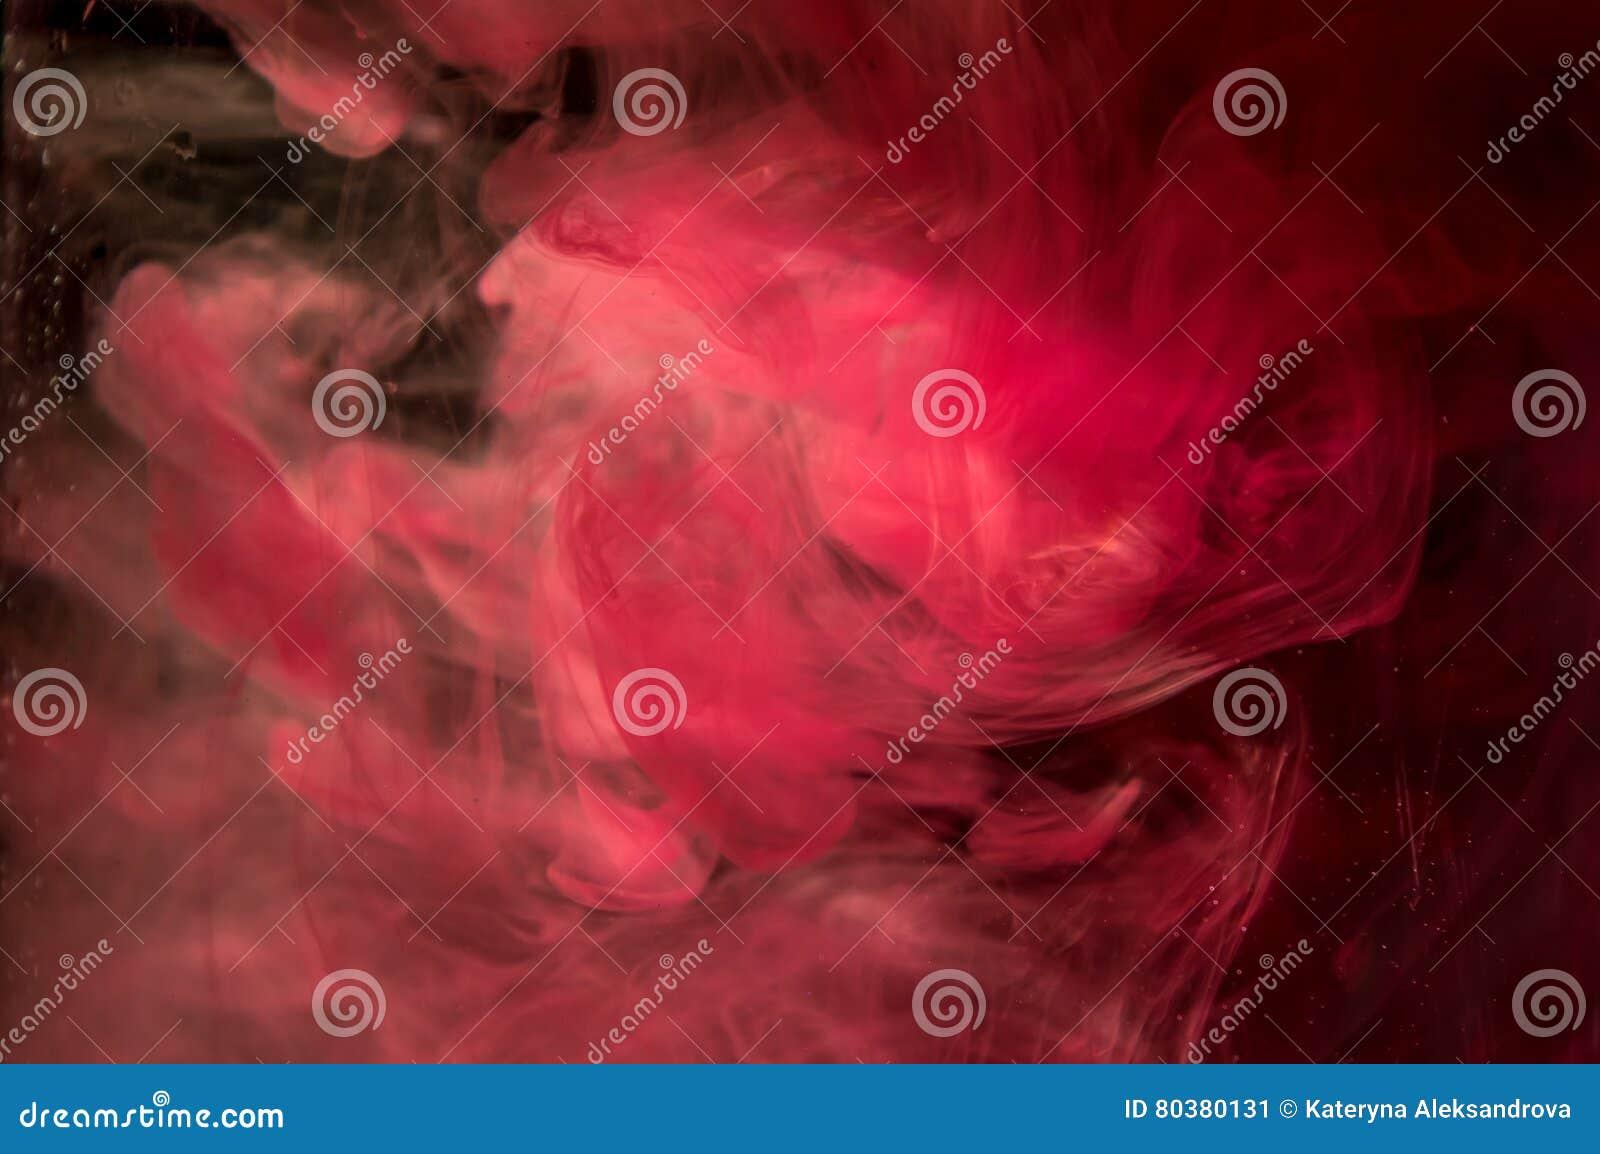 Czerwony Pomarańczowy Atrament W Wodzie światła Słonecznego